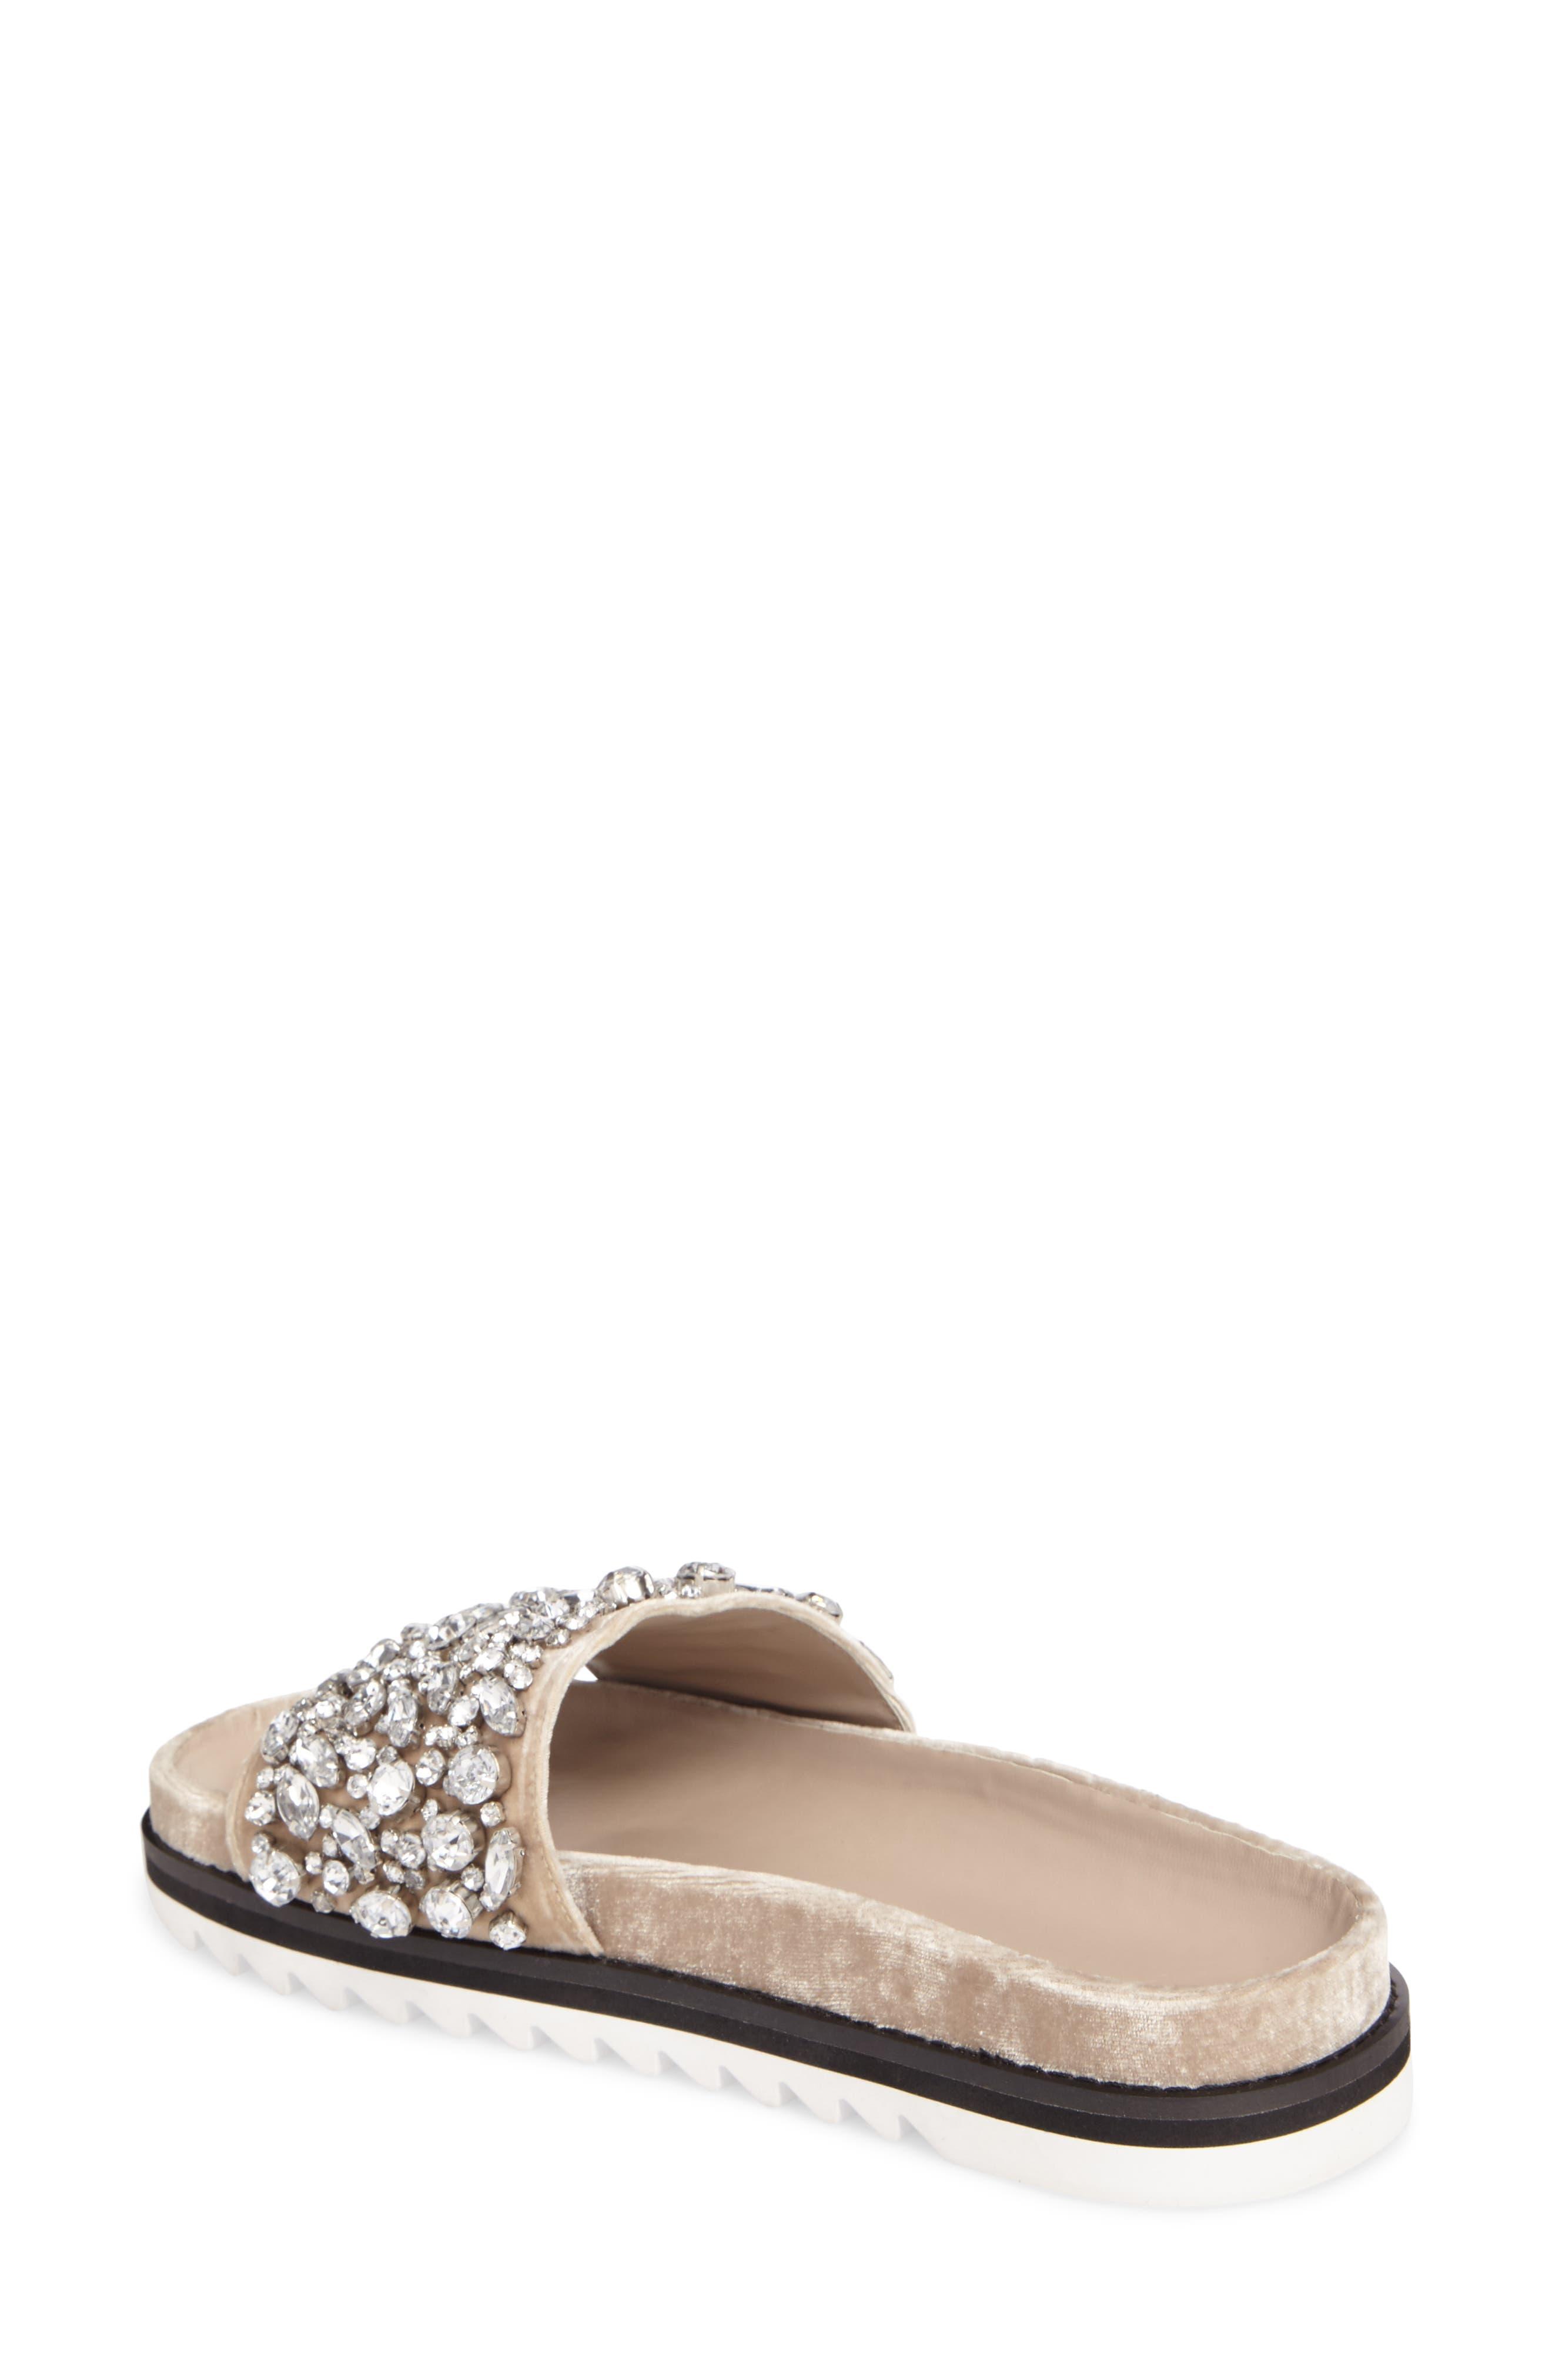 Jacory Crystal Embellished Slide Sandal,                             Alternate thumbnail 2, color,                             Fog